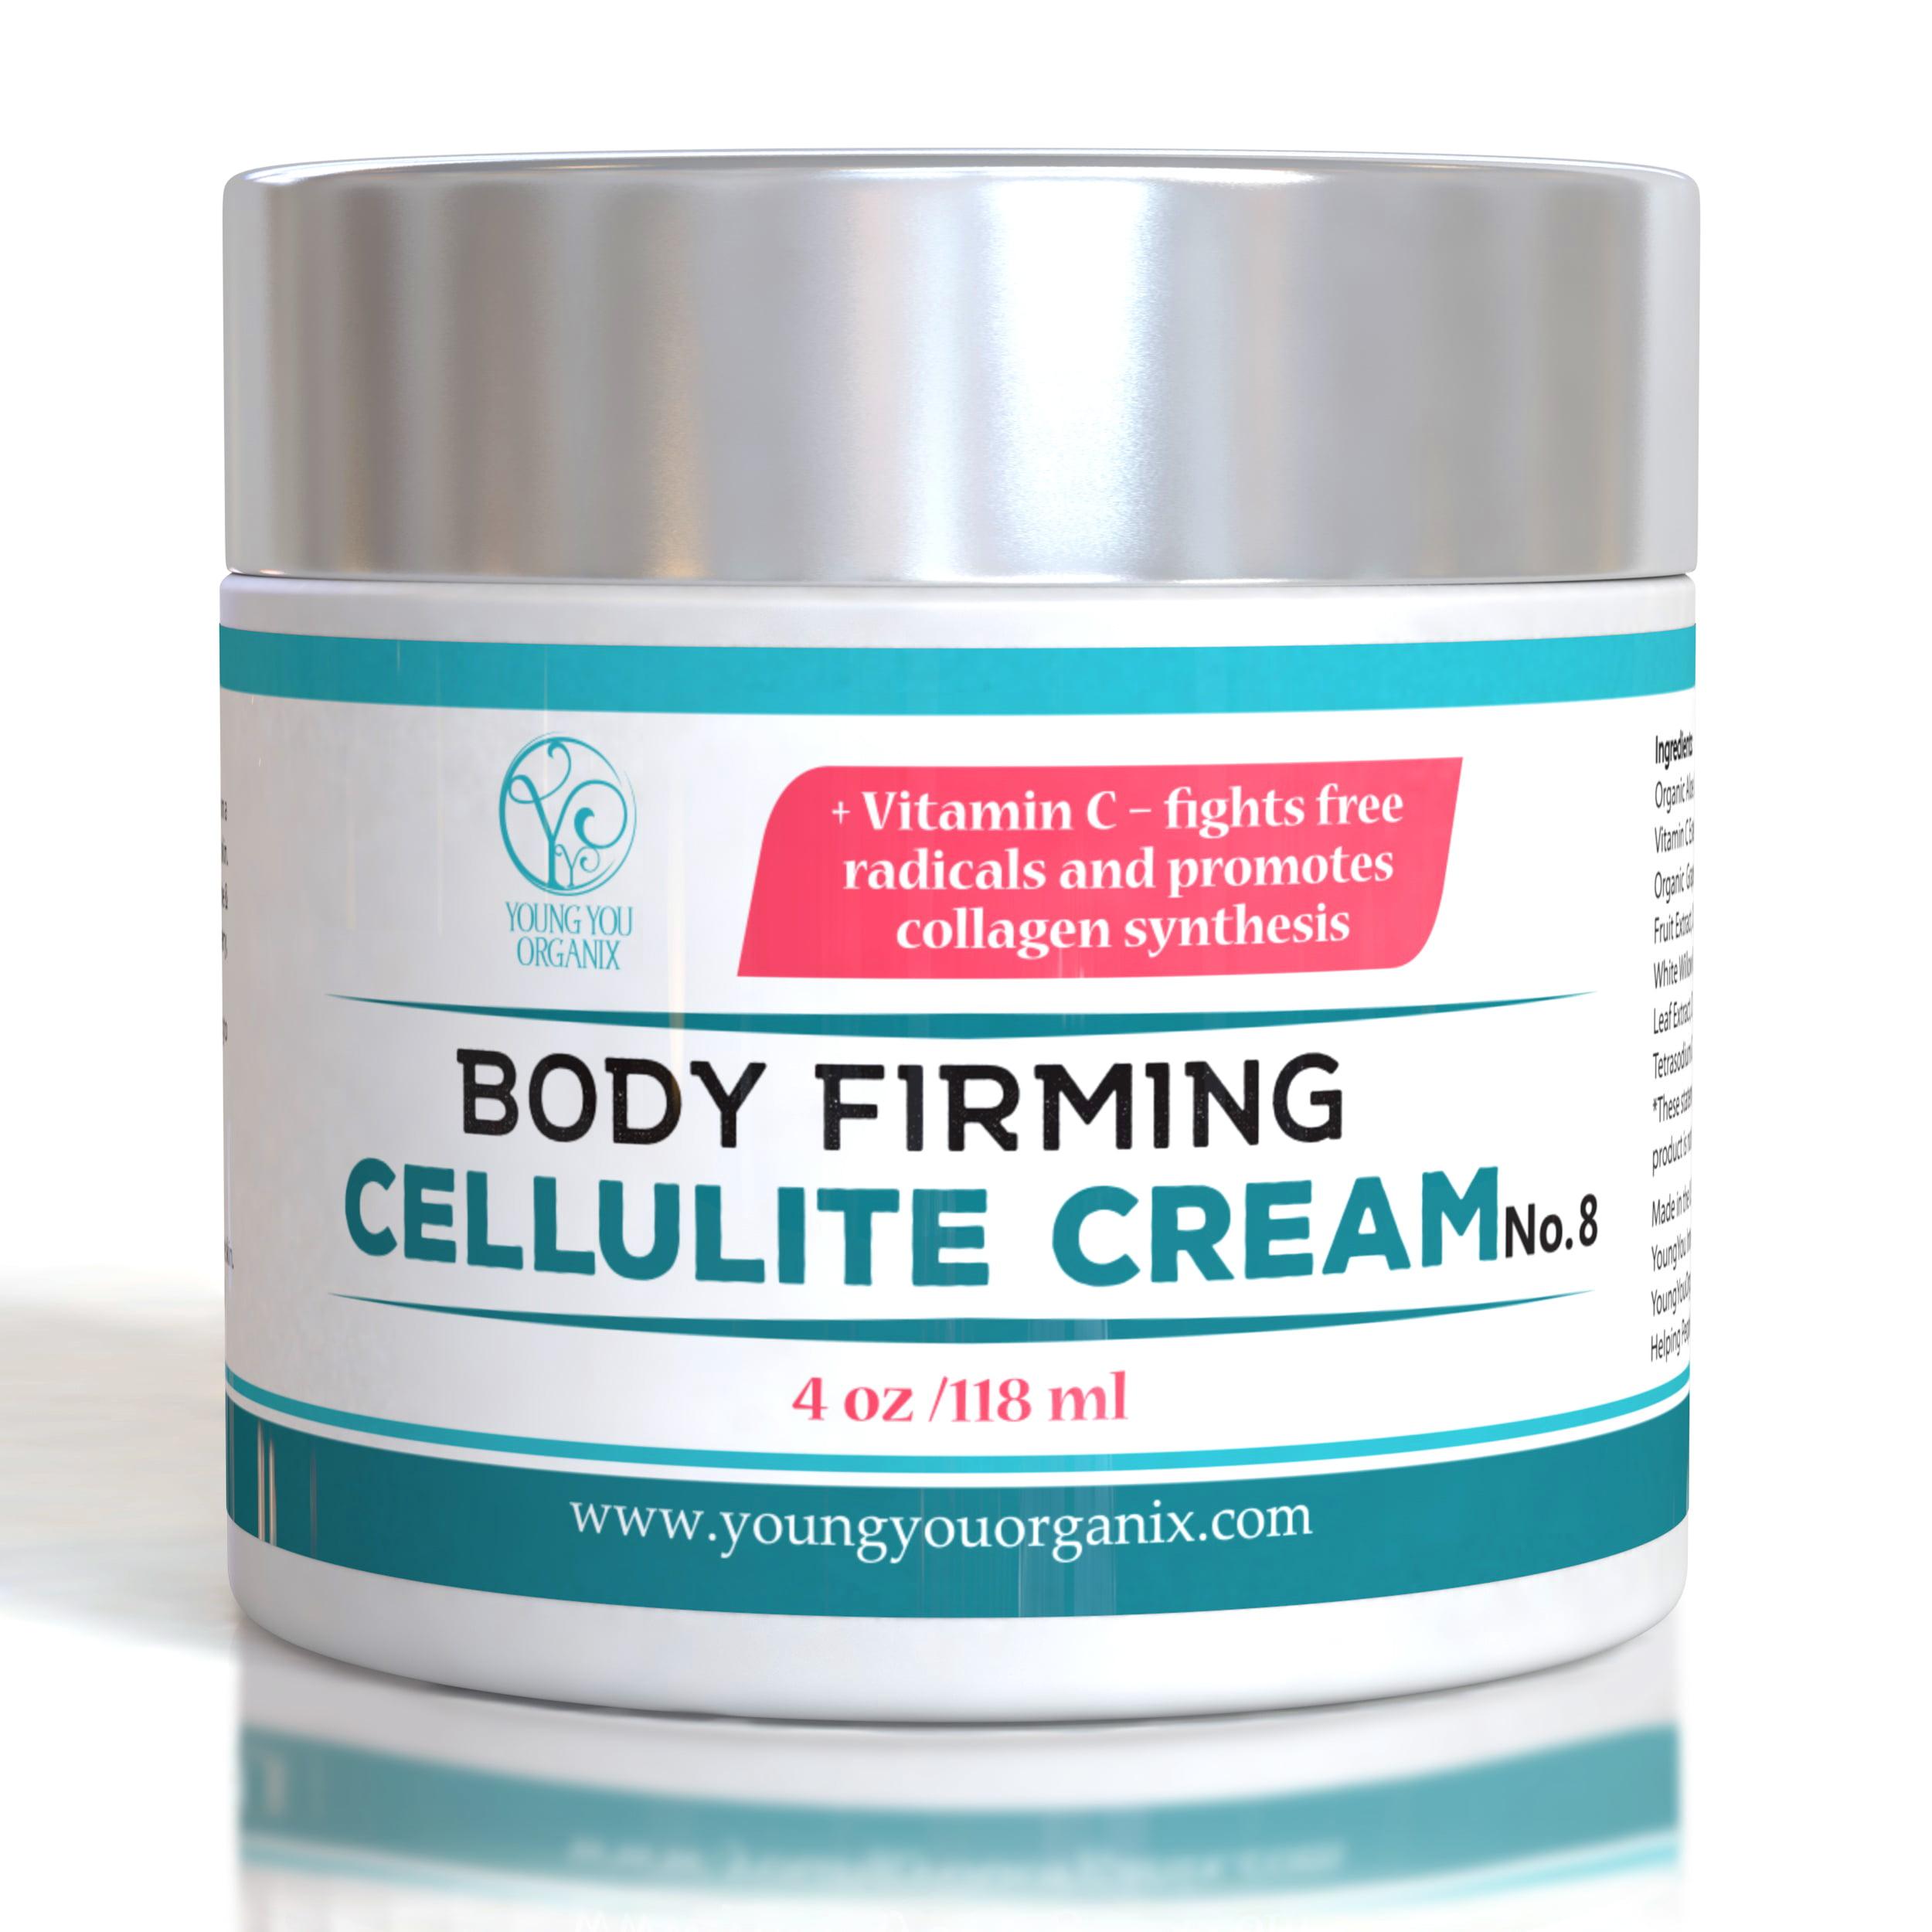 Anti-Cellulite Cream. Body Firming Cellulite Cream